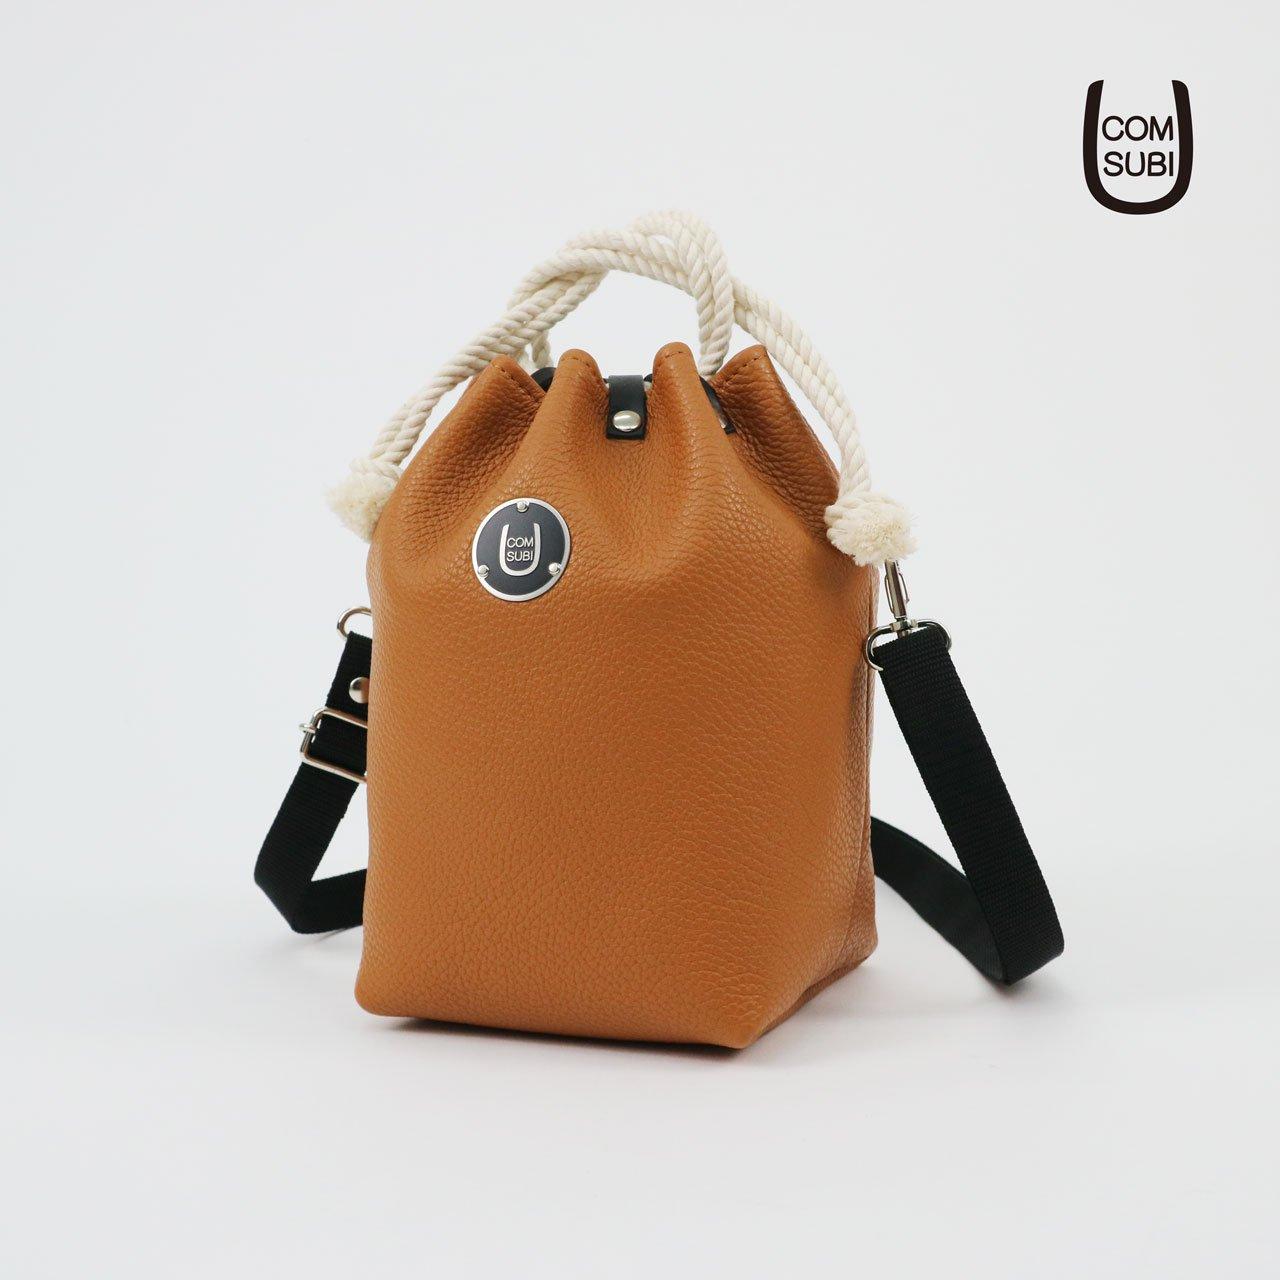 """COMUSUBI BAG  """"Leather"""" -Caramel-"""